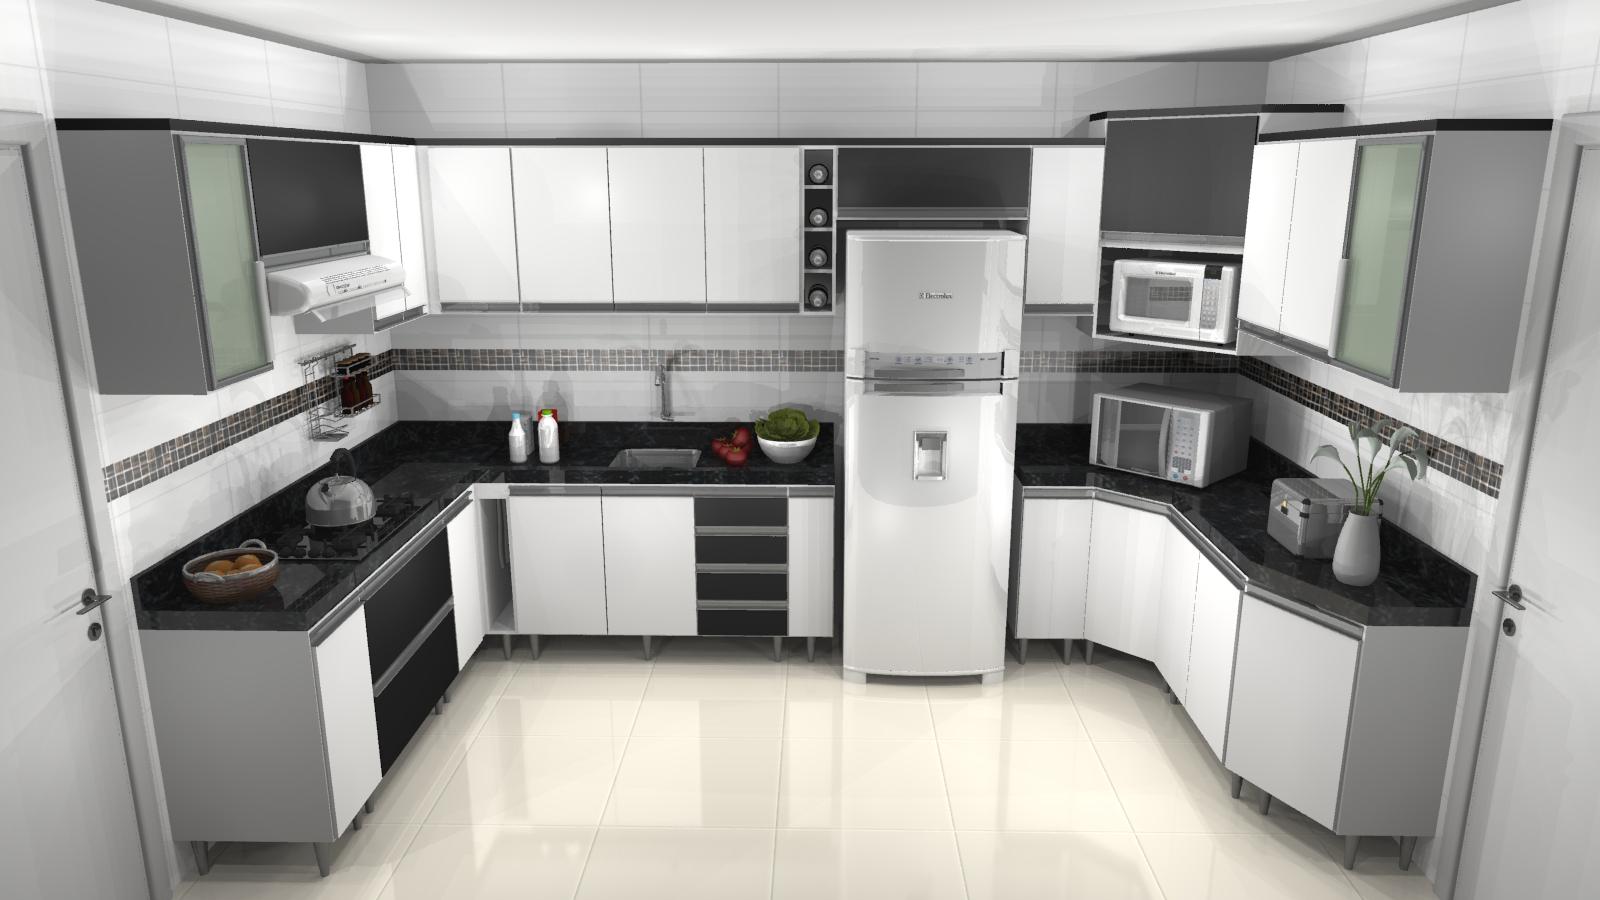 Cozinha Planejada em MDF fotos do pequeno ao grande projeto #5F4940 1600 900